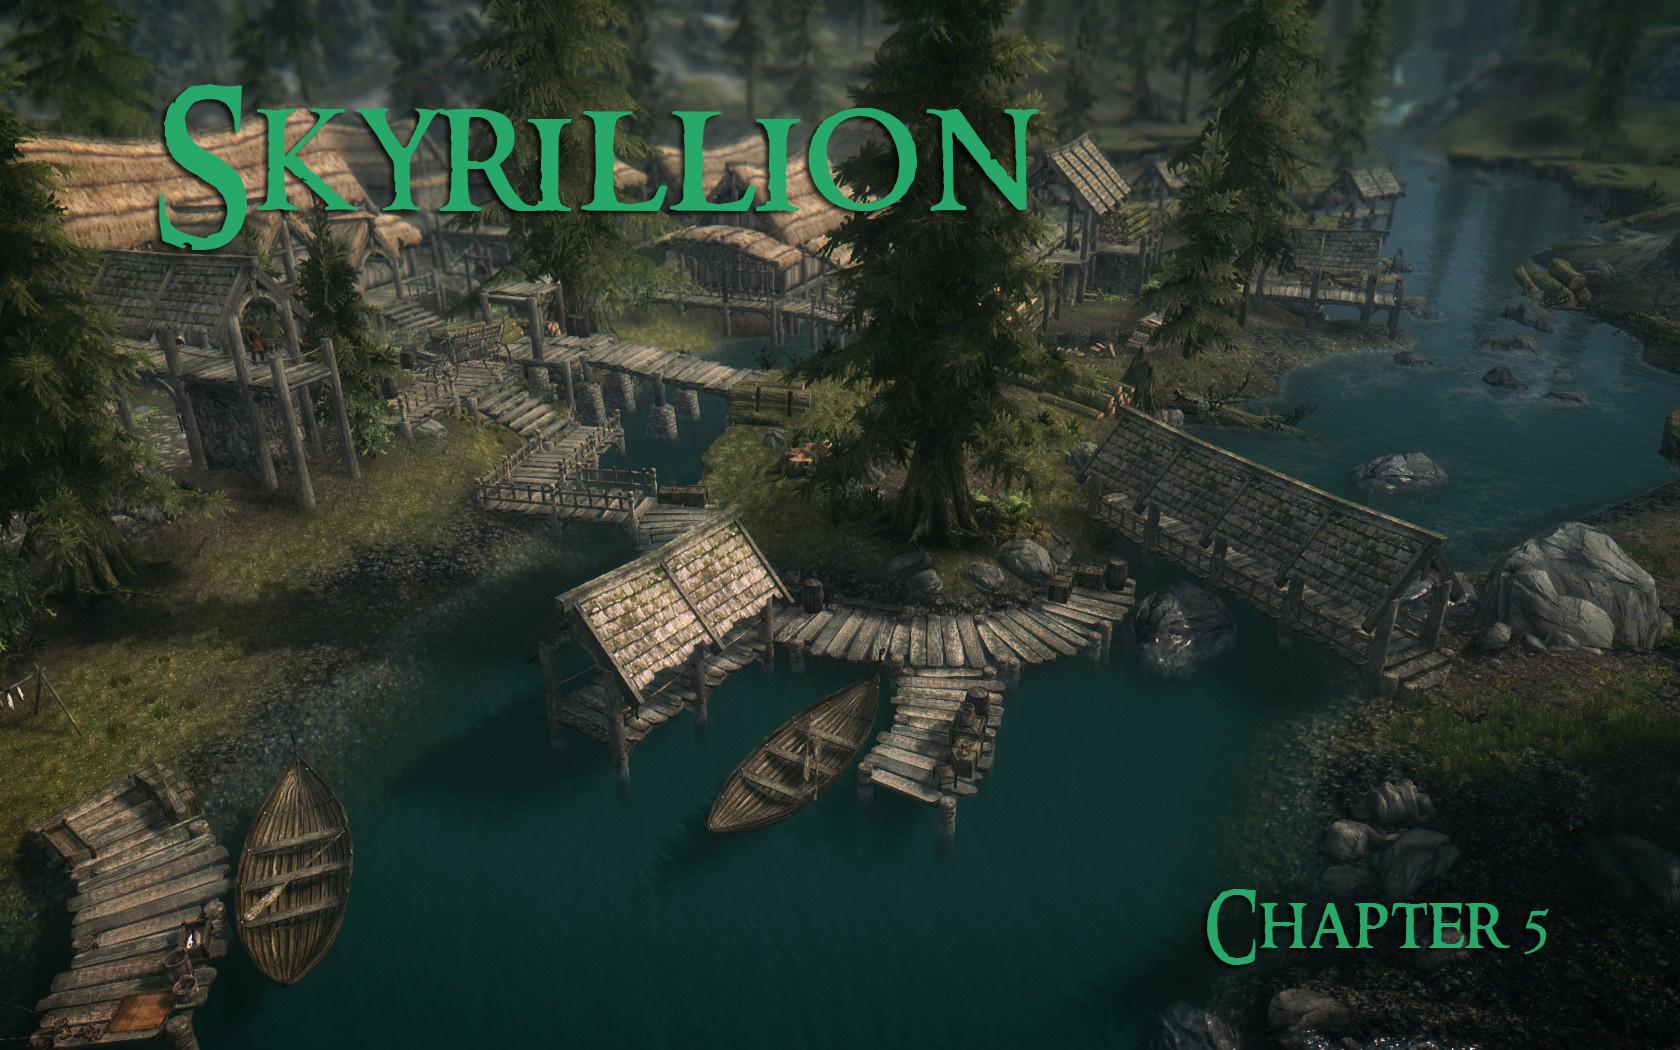 Скайриллион - глава 5